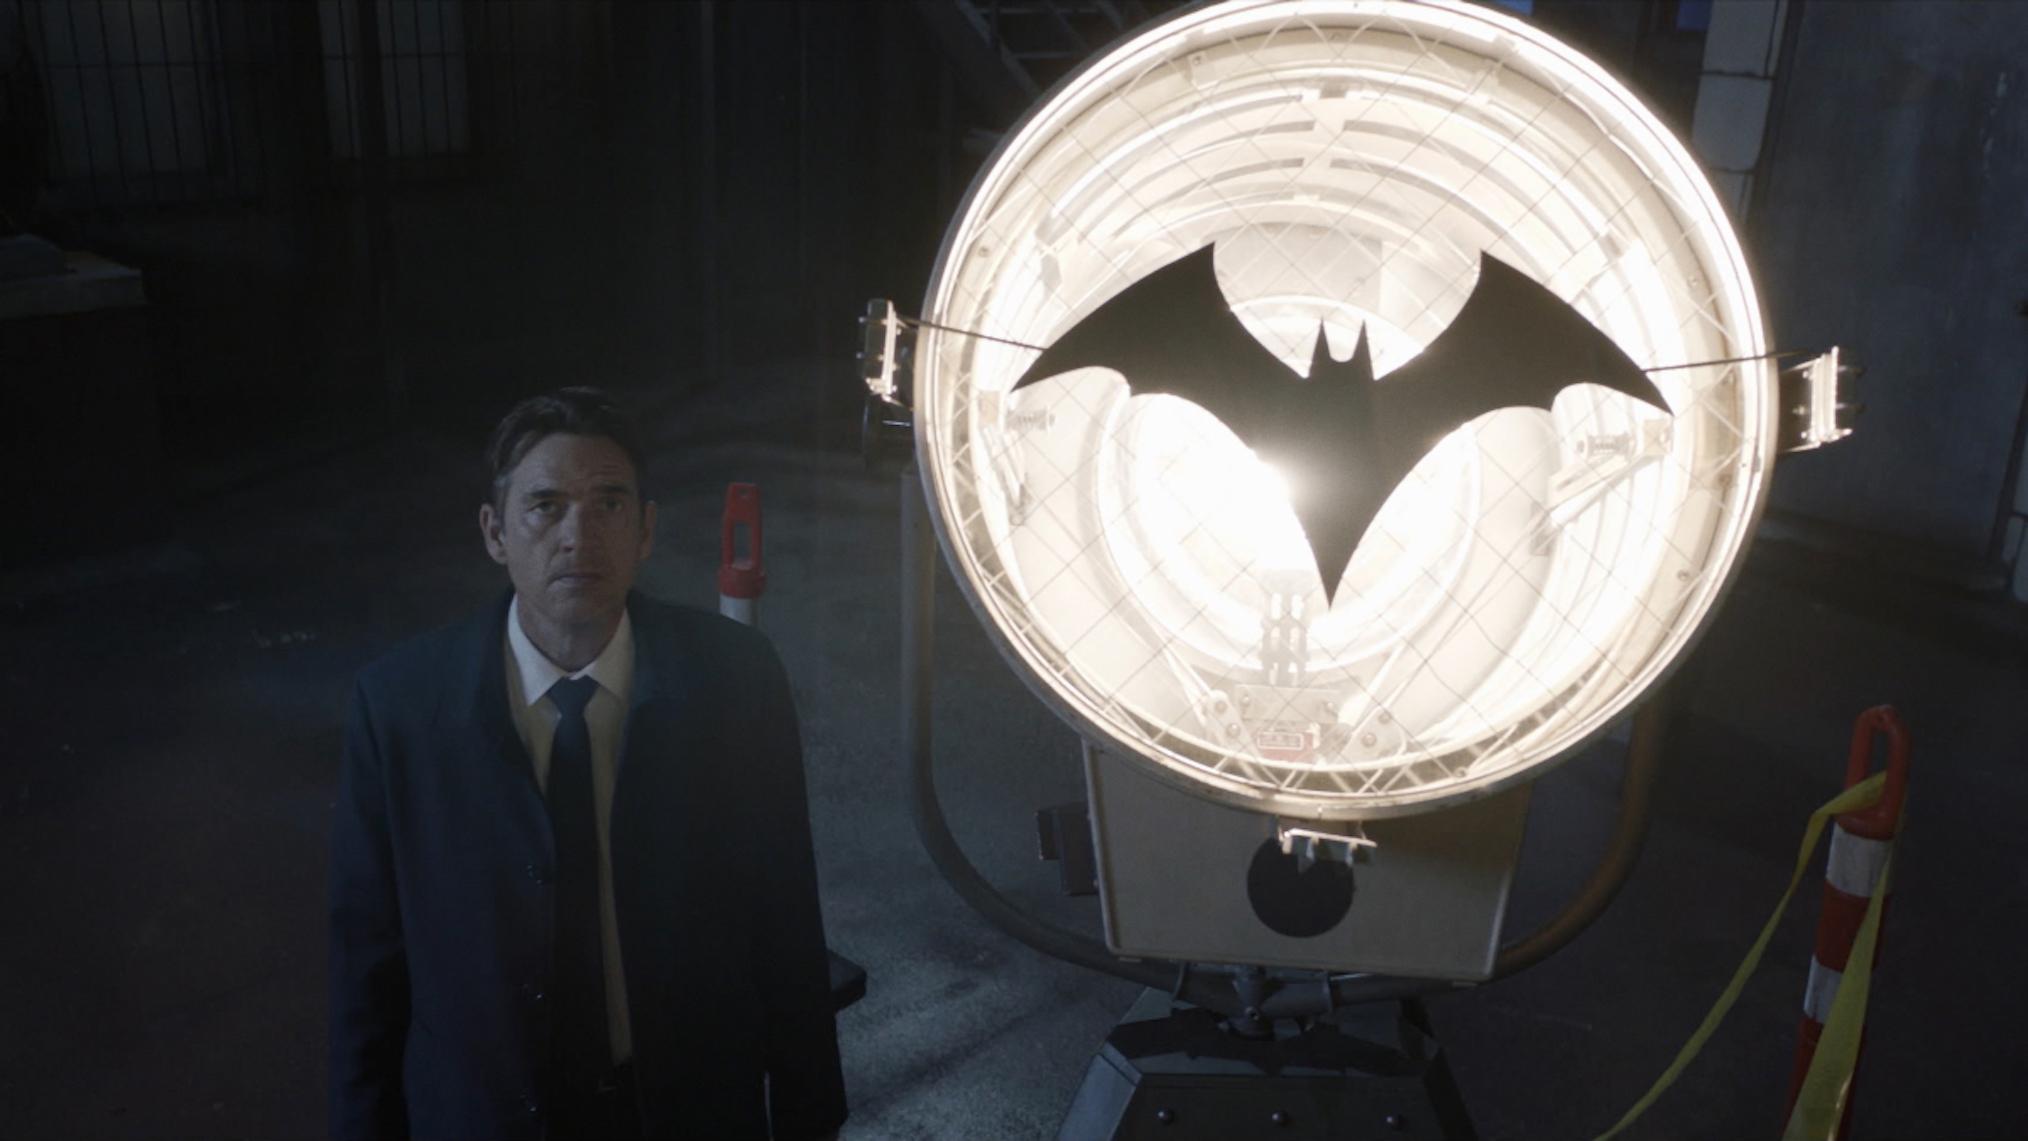 Dougray Scott Batwoman Season 2 Premiere Jacob Kane Bat Signal